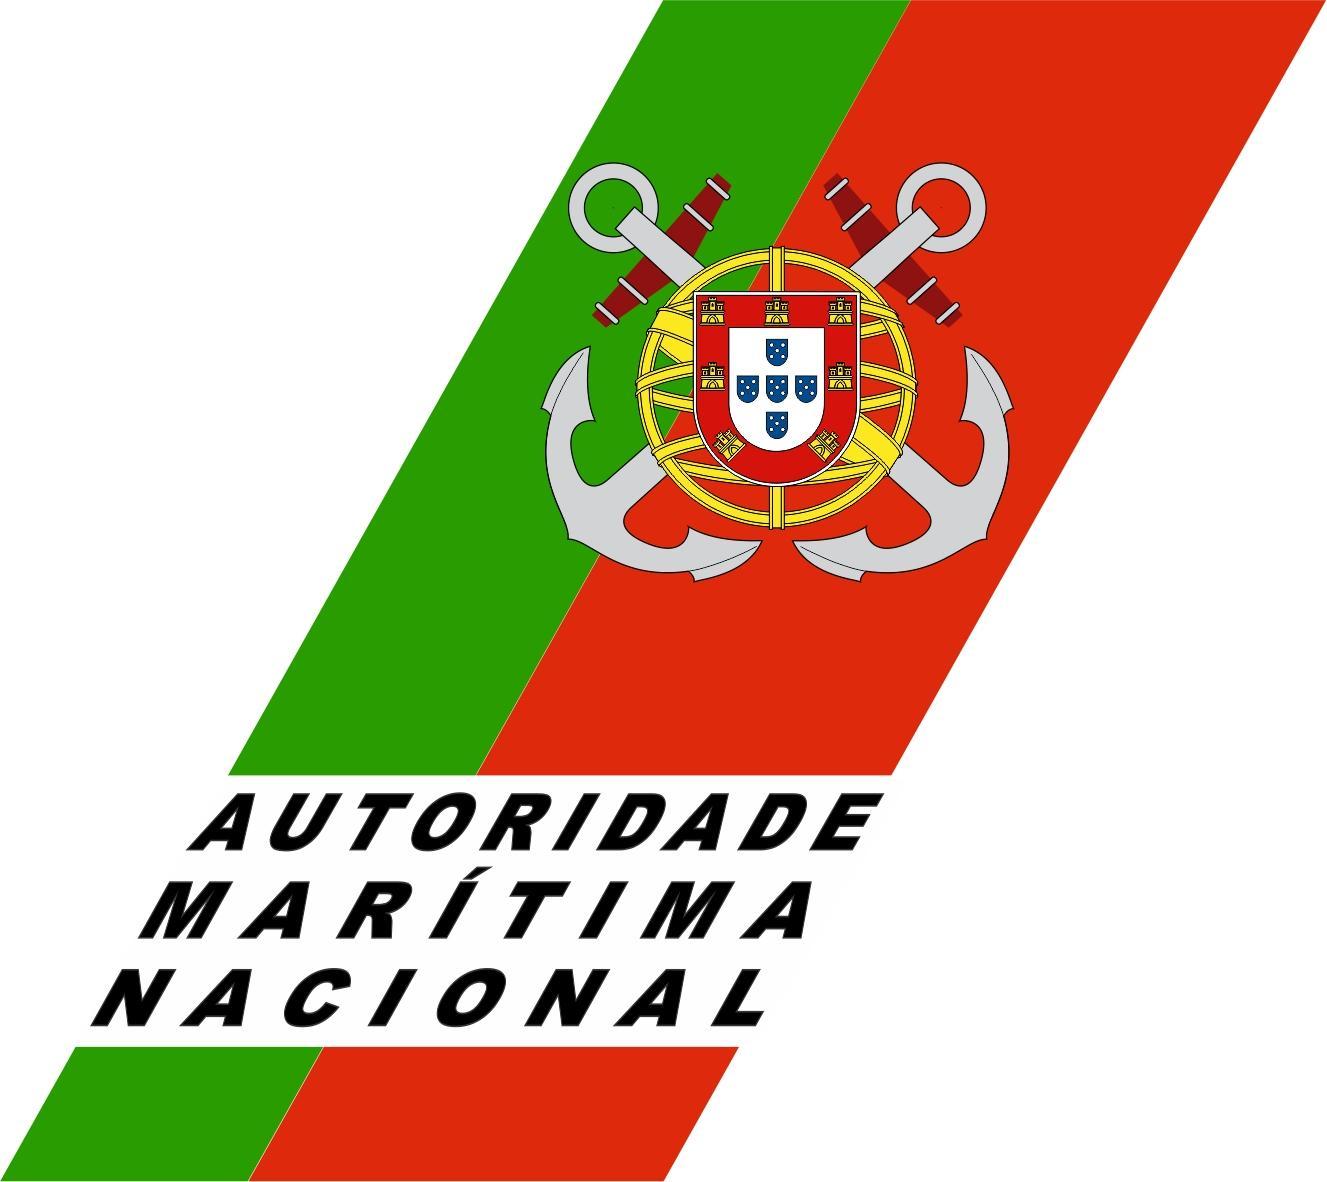 Logotipo Fazer requerimentos e pedir licenças na plataforma Capitania Online+ - ePortugal.gov.pt